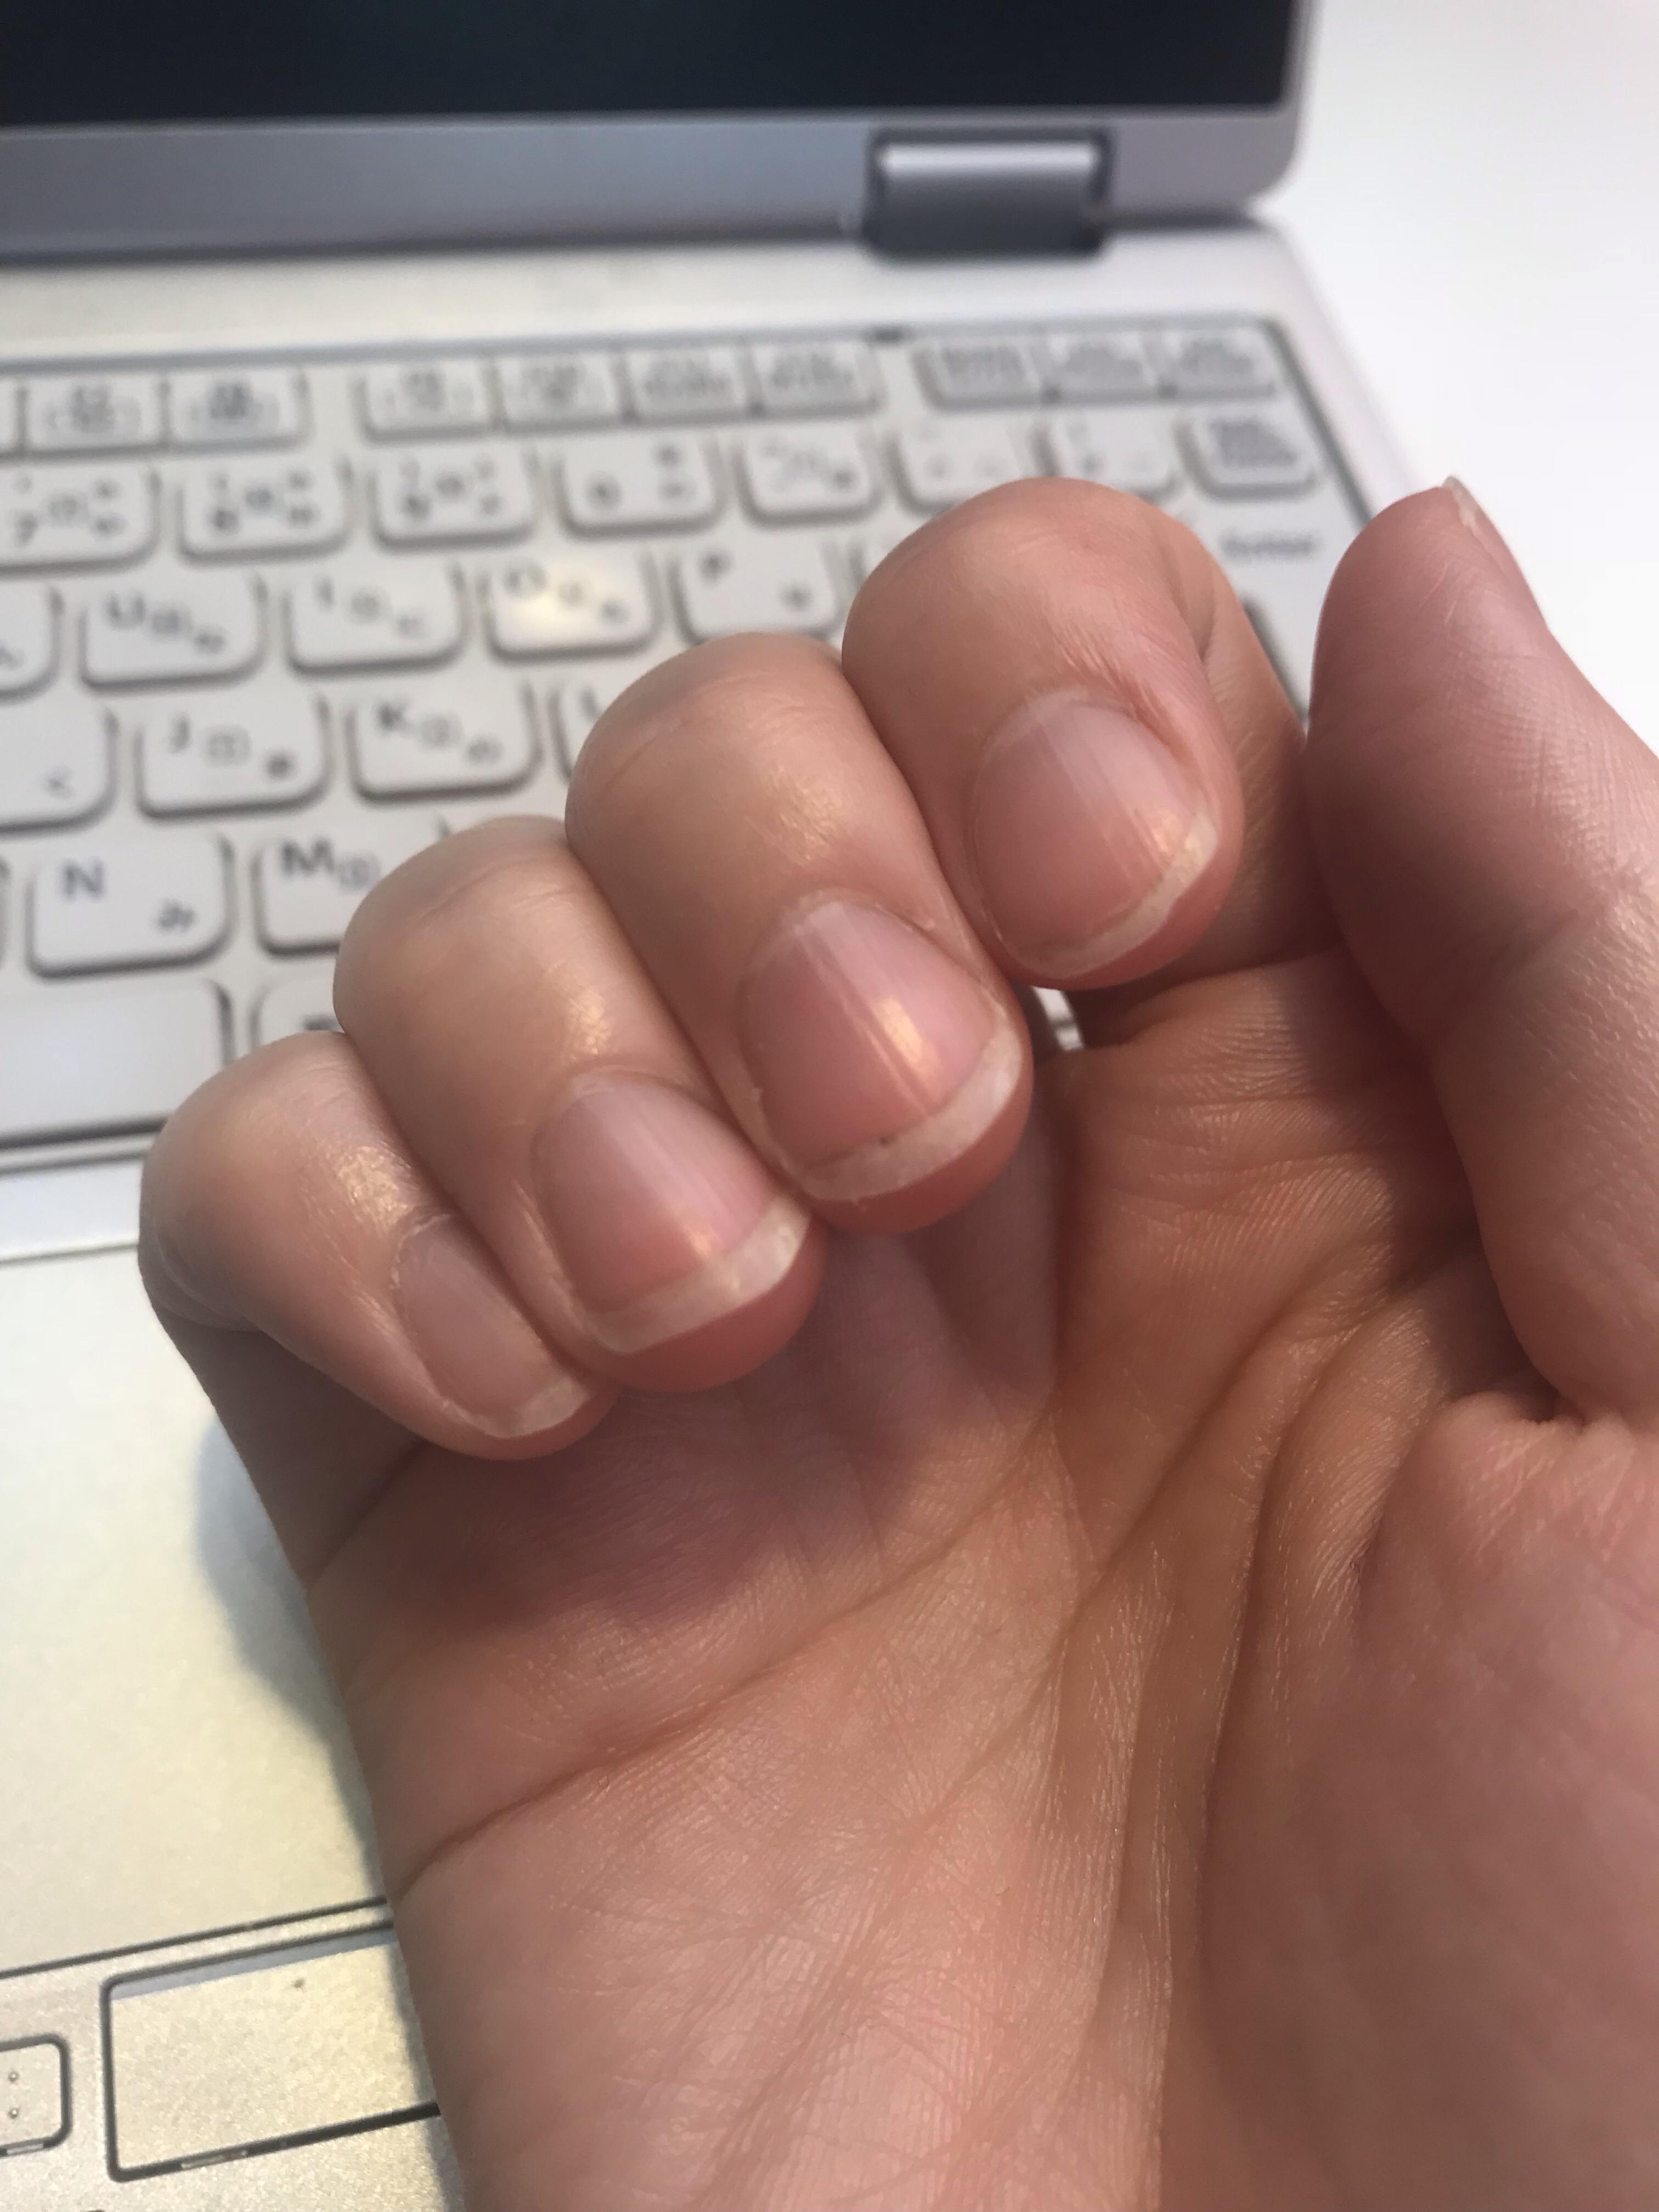 2018/9/28深爪矯正を決意したときの写真